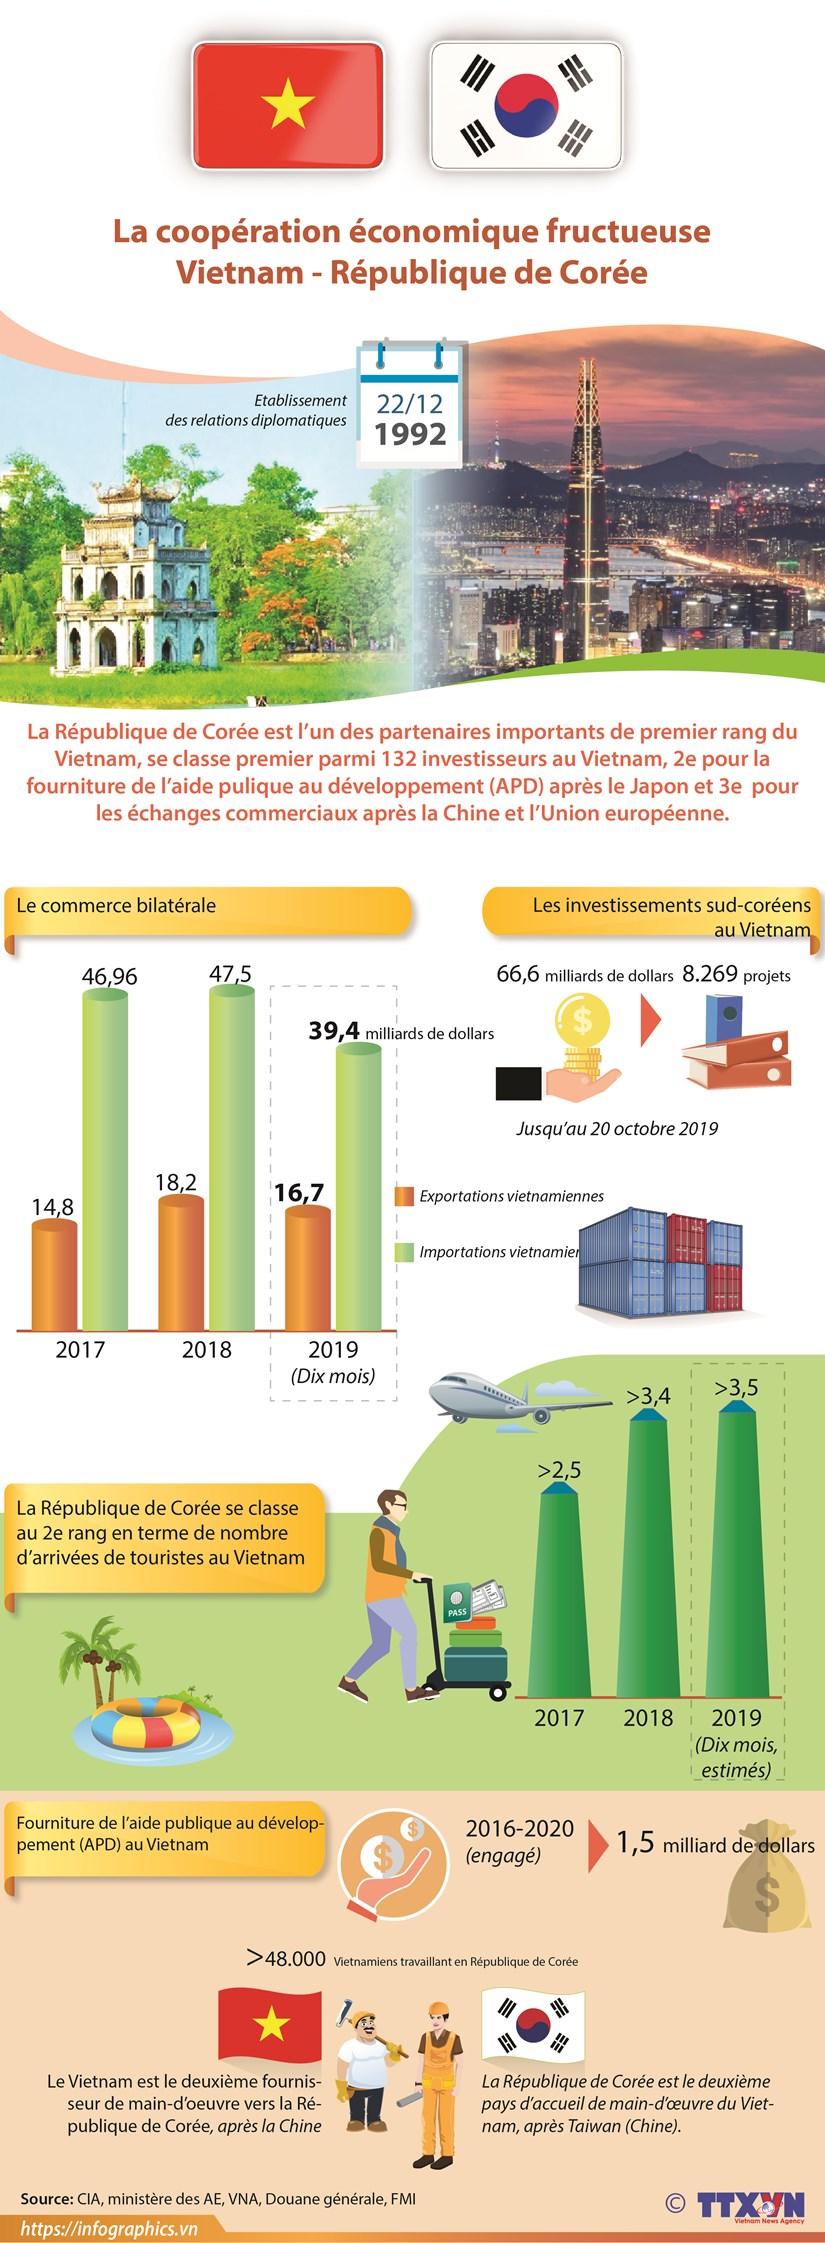 La cooperation economique fructueuse Vietnam - Republique de Coree hinh anh 1